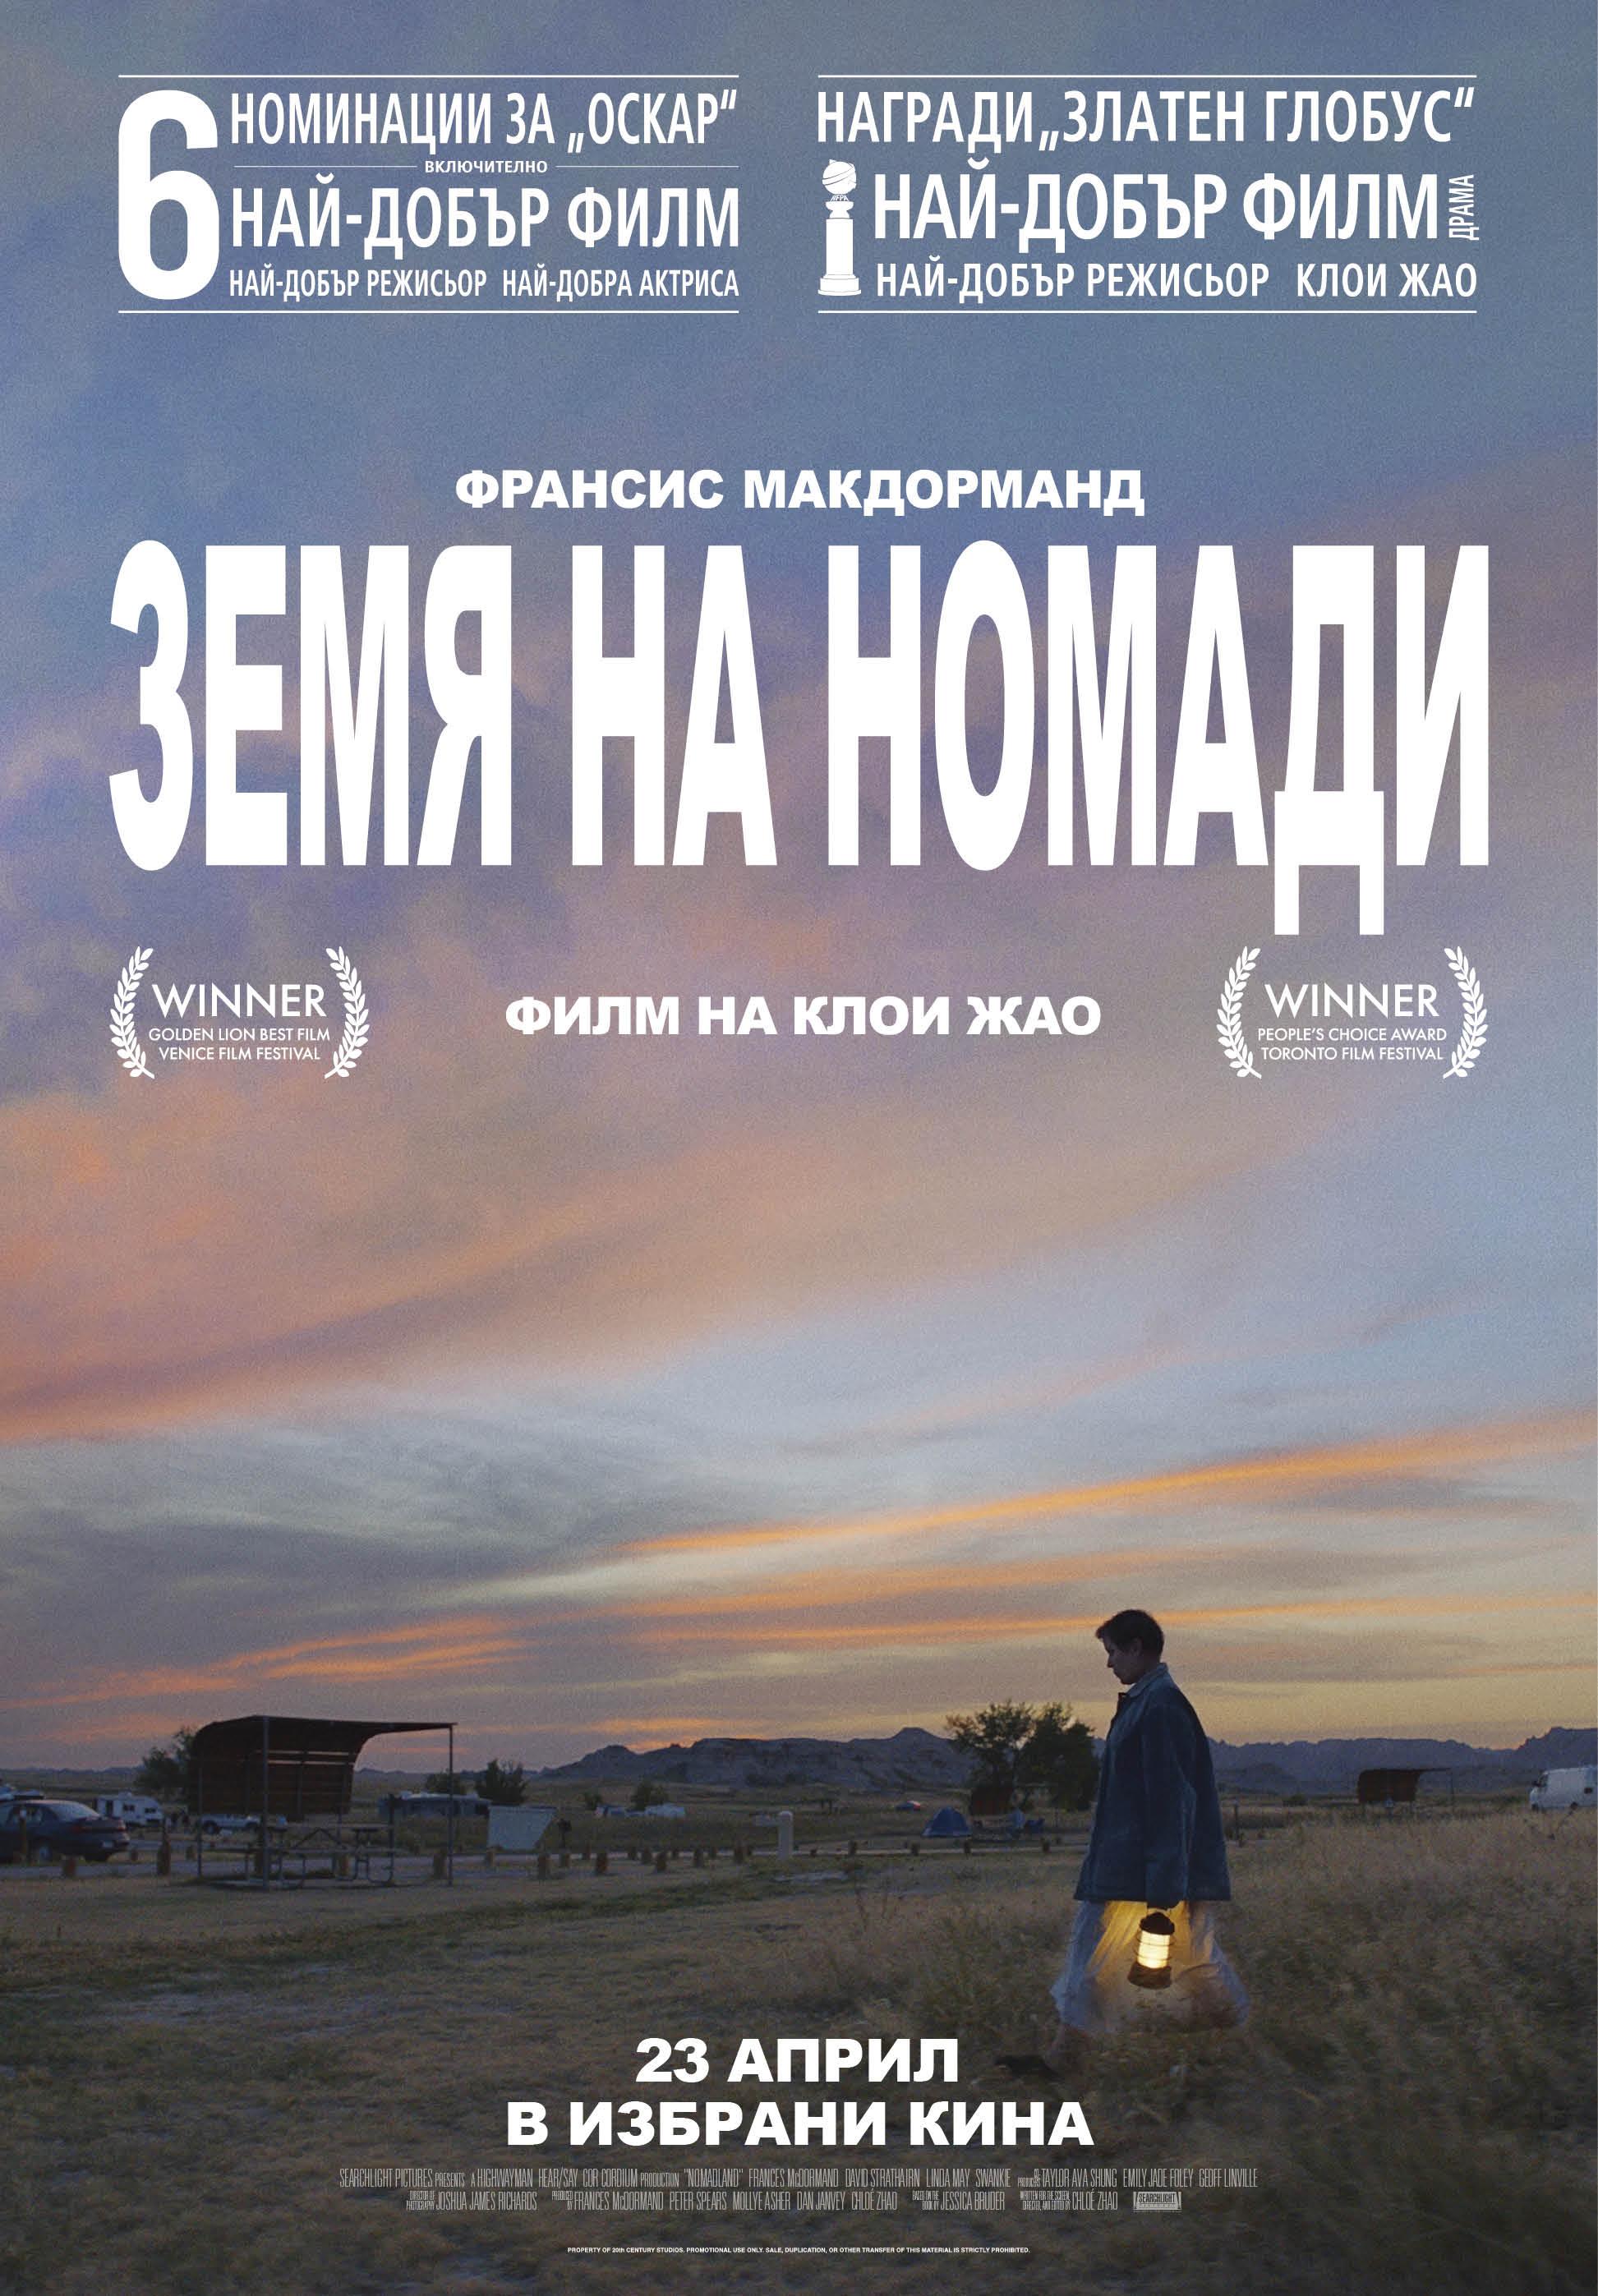 """Кино програма """"ДОМ НА КИНОТО"""" - 14.04-20.05.2021"""